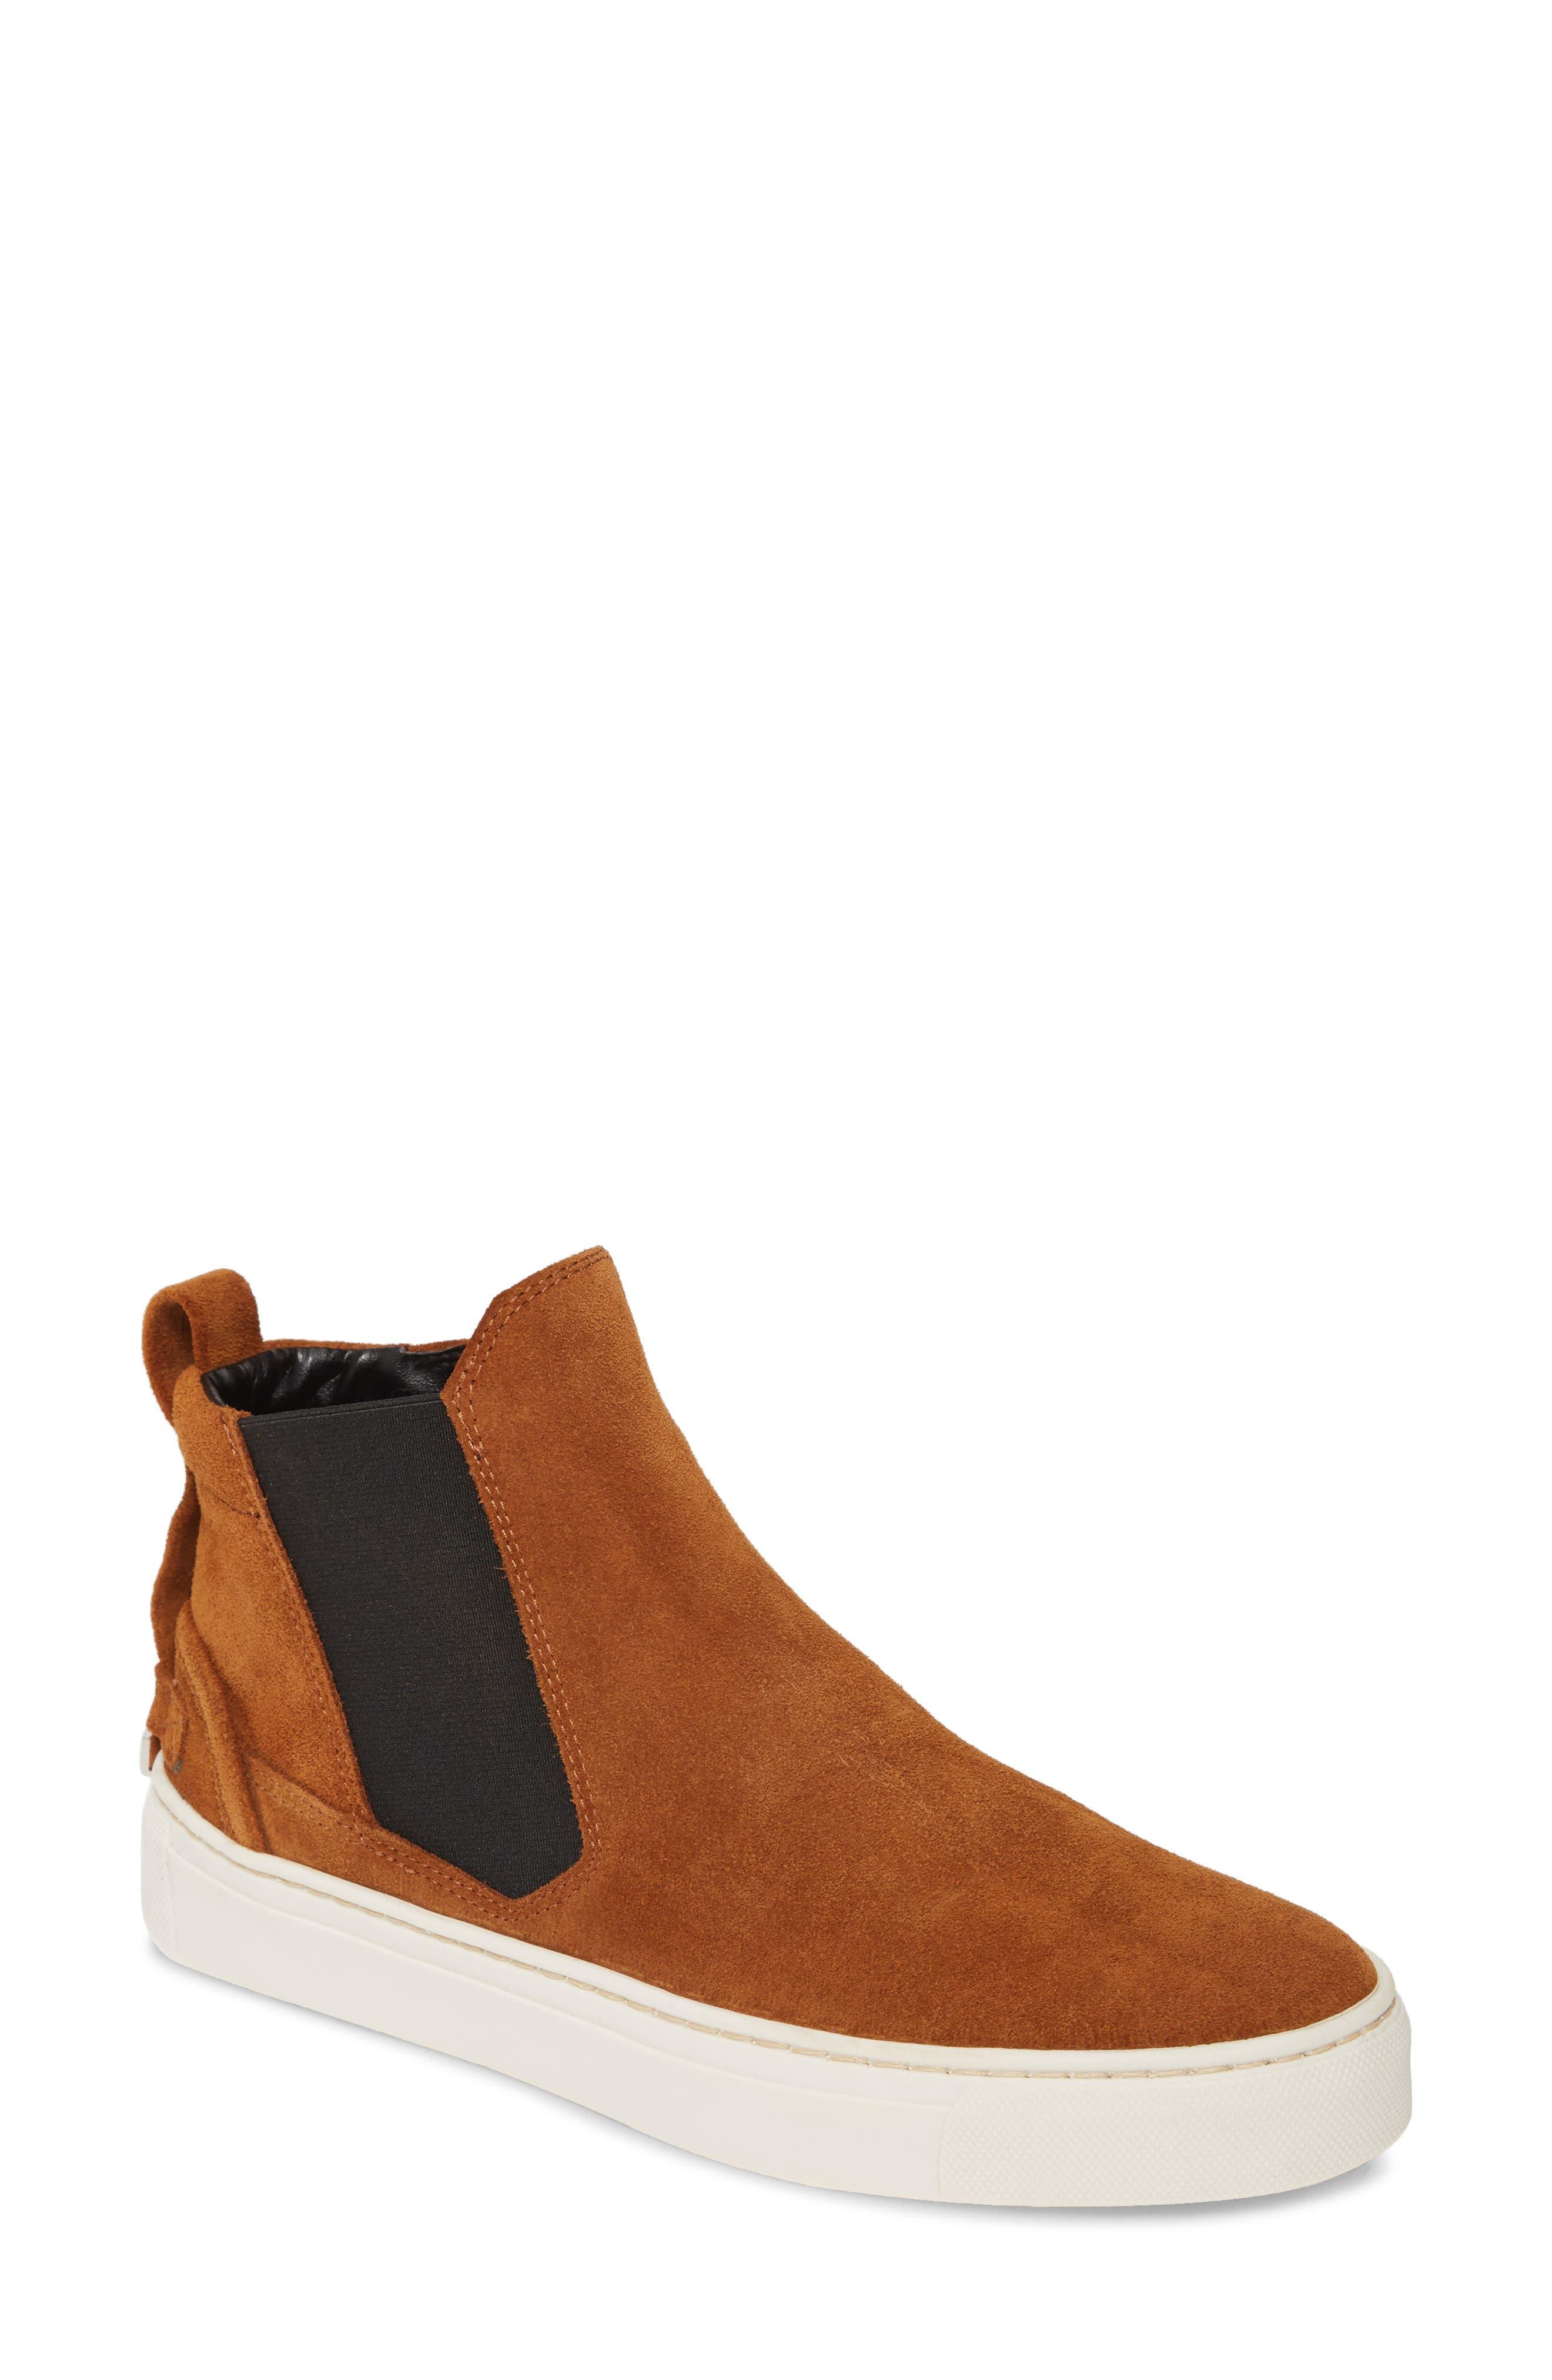 Image of THE FLEXX Sneak Peak Sneaker